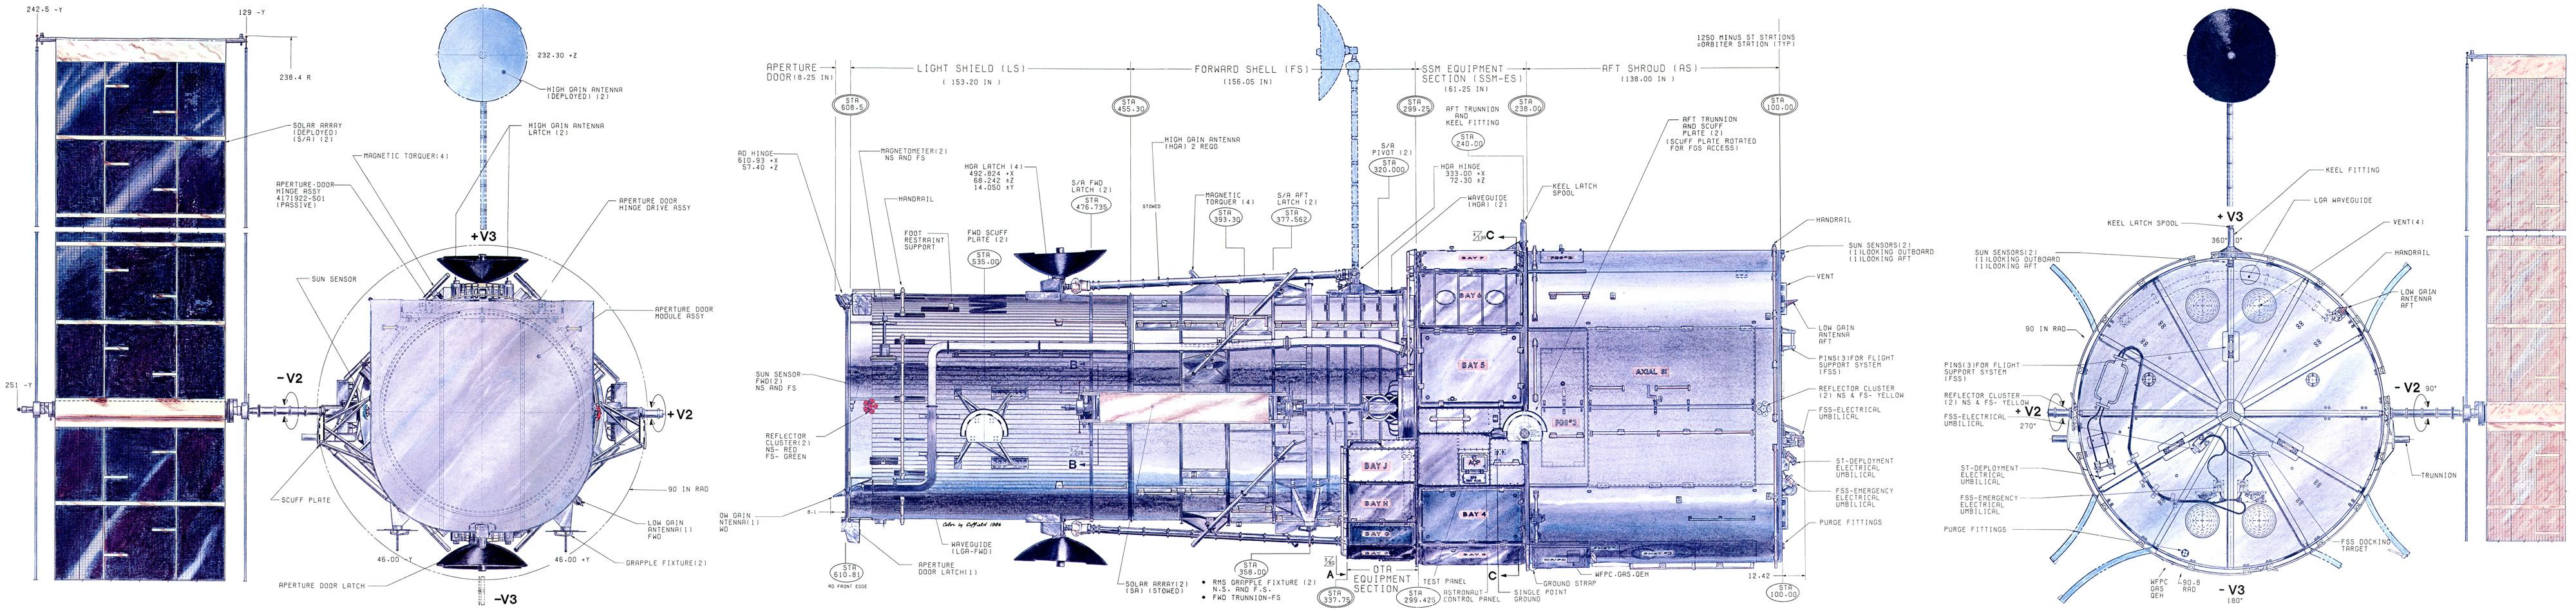 مخطط تلسكوب هابل